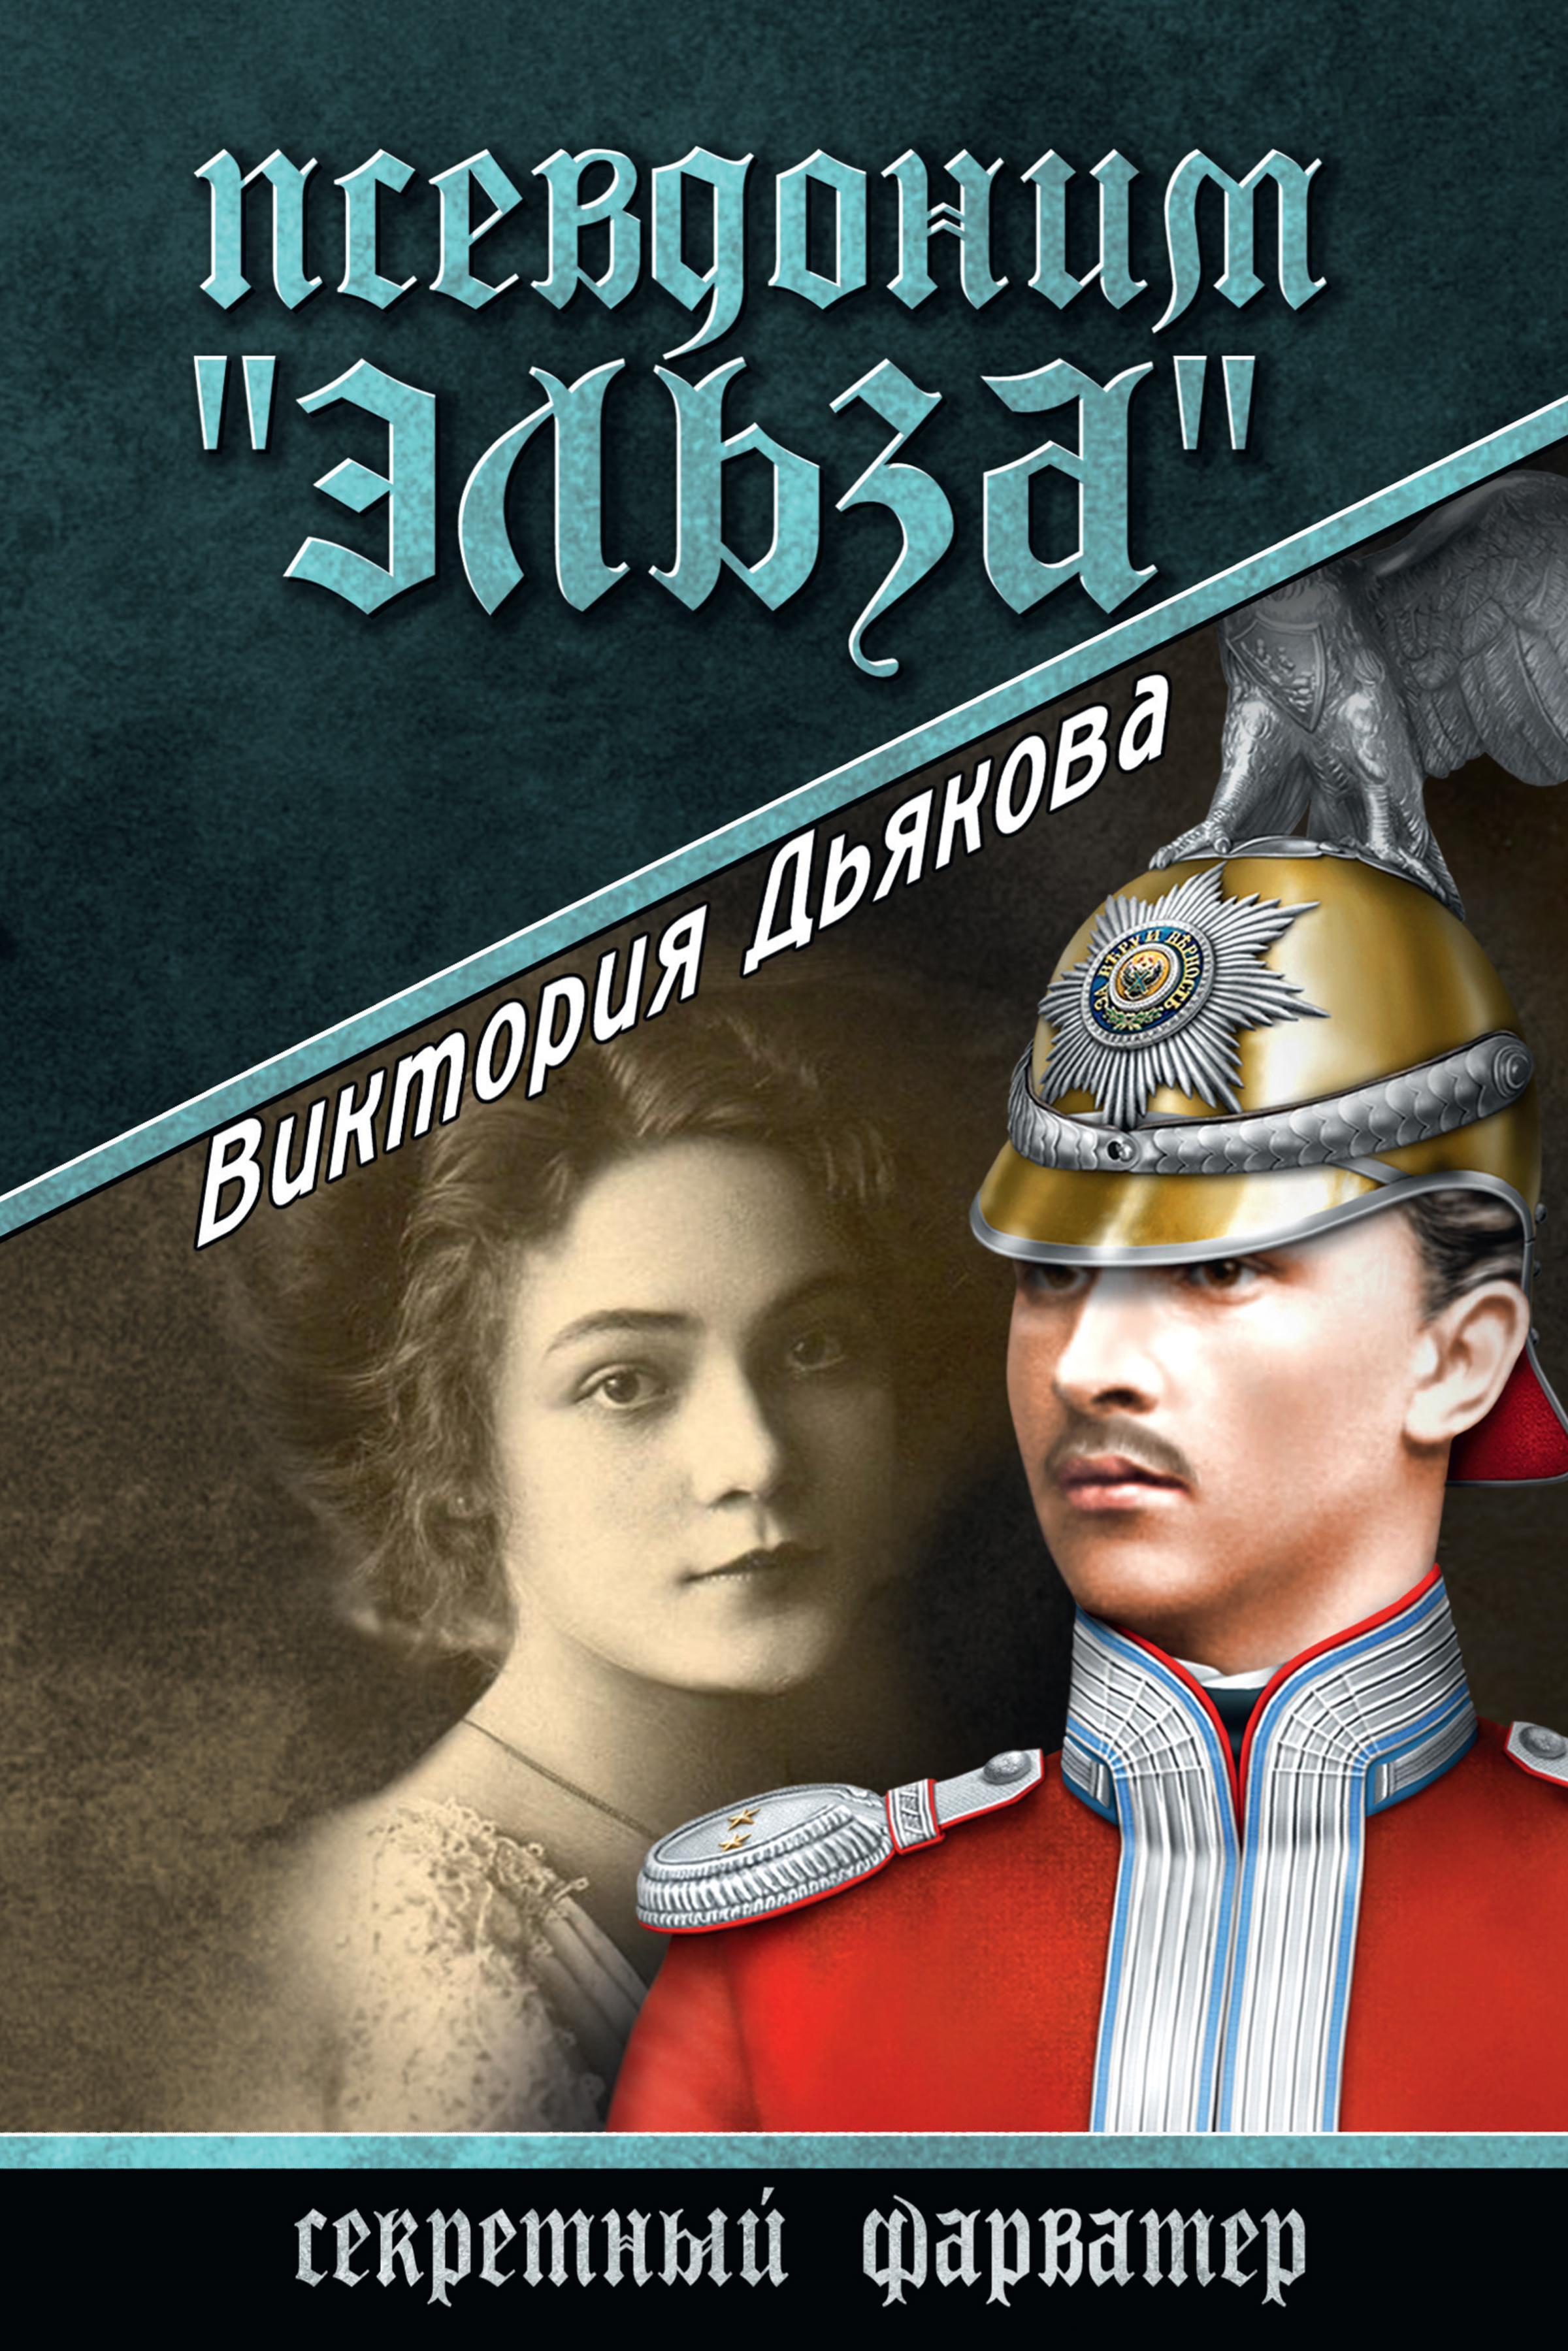 Виктория Дьякова «Псевдоним «Эльза»»